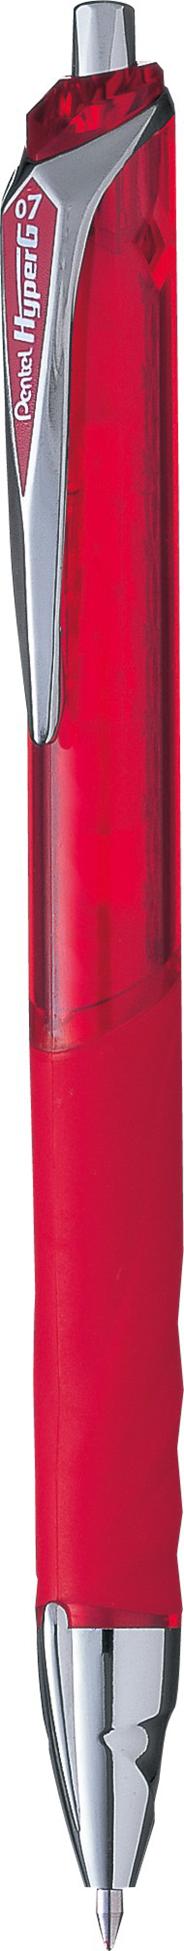 Pentel Dokument Pen KL257-B Długopis żelowy czerwony